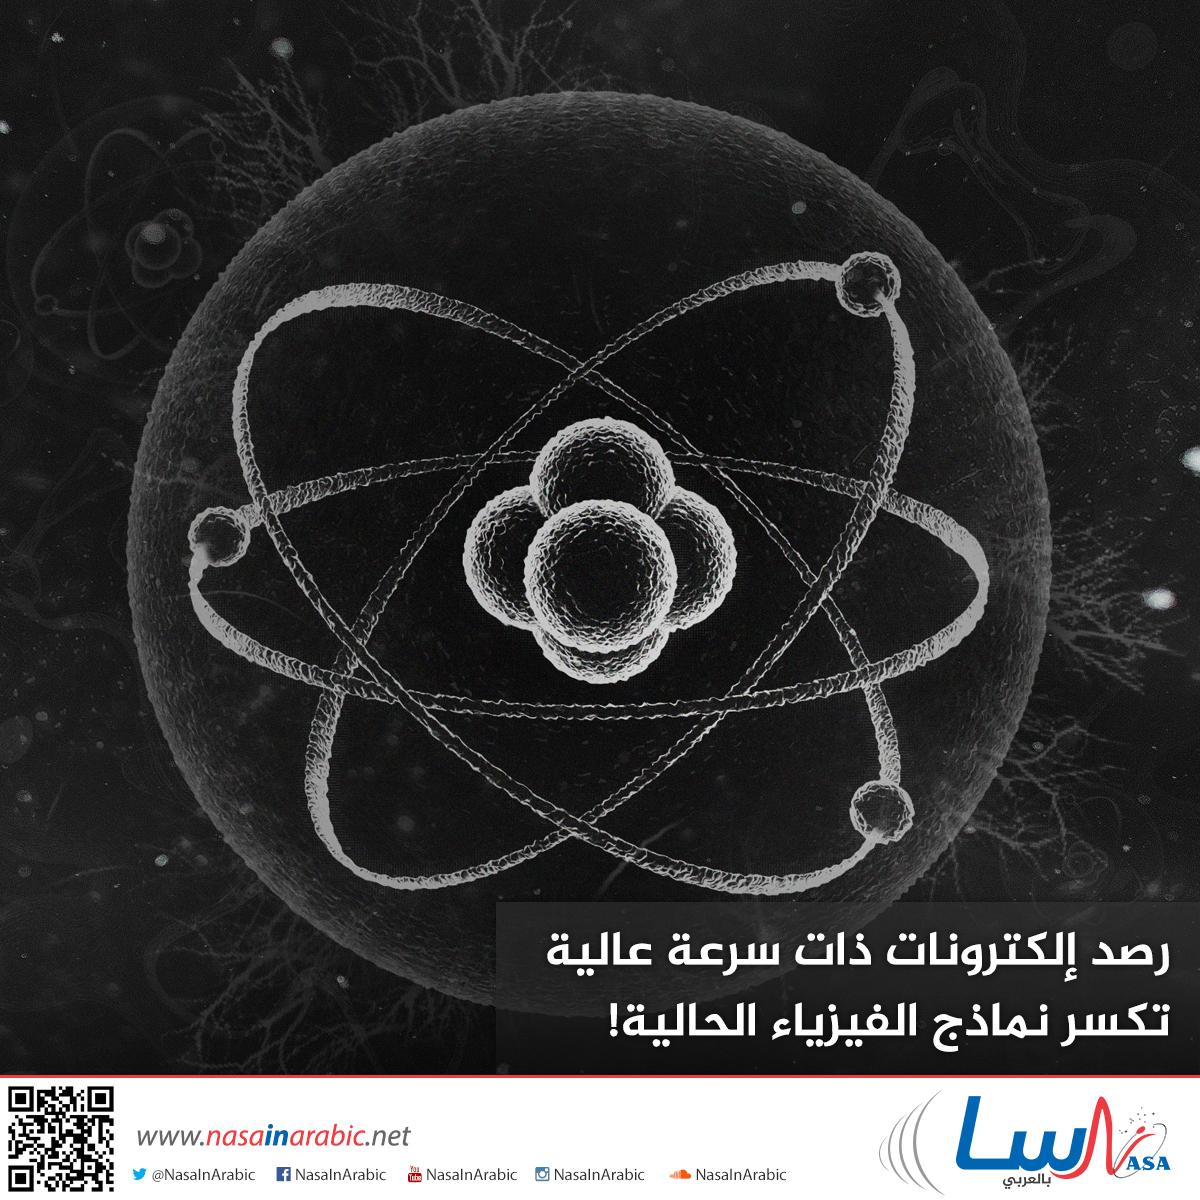 رصد إلكترونات ذات سرعة عالية تكسر نماذج الفيزياء الحالية!